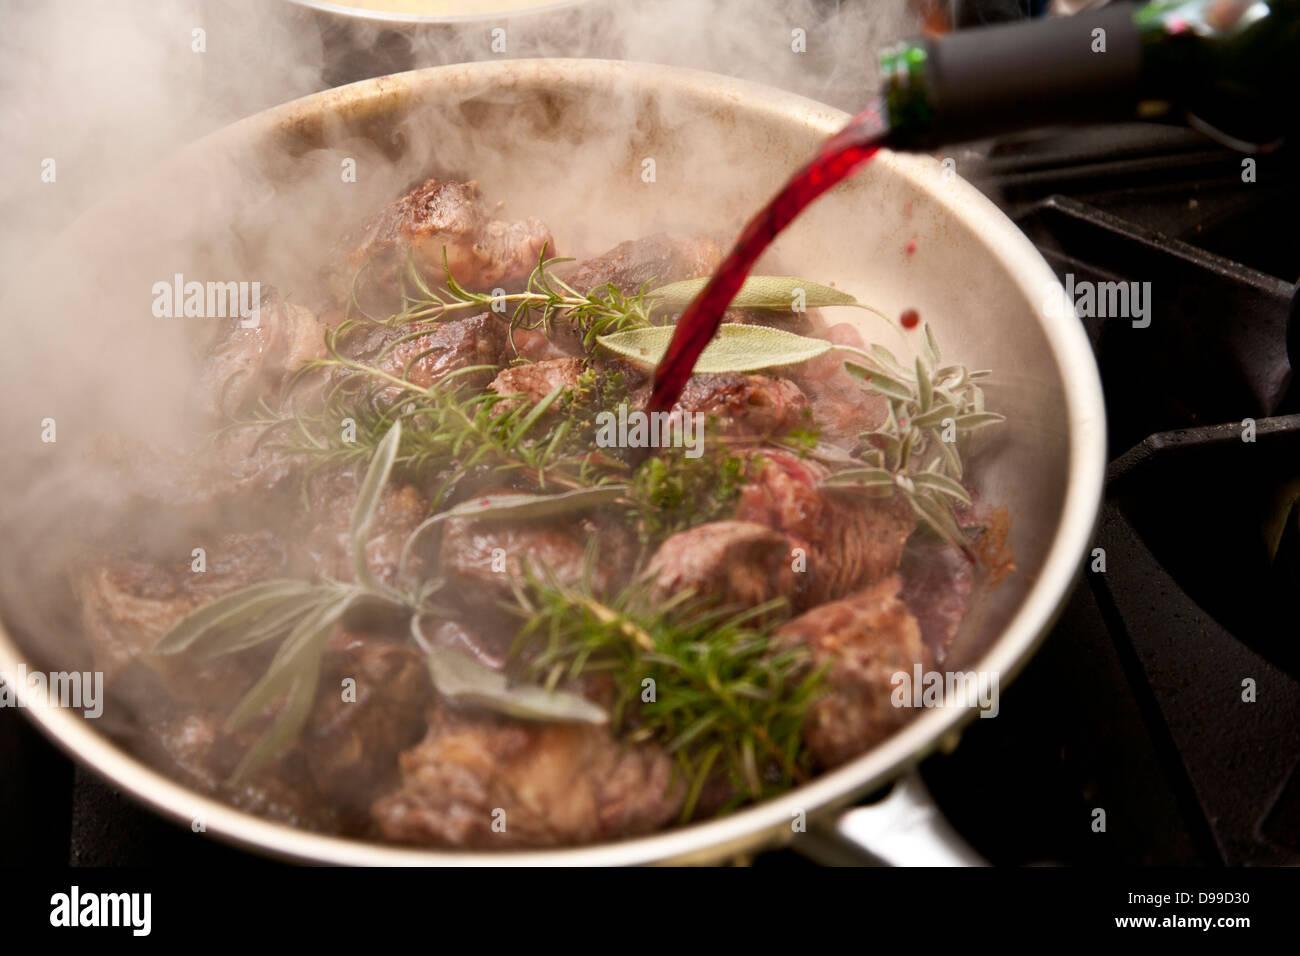 Brasati di carne in una padella con erbe fresche e vino rosso Immagini Stock